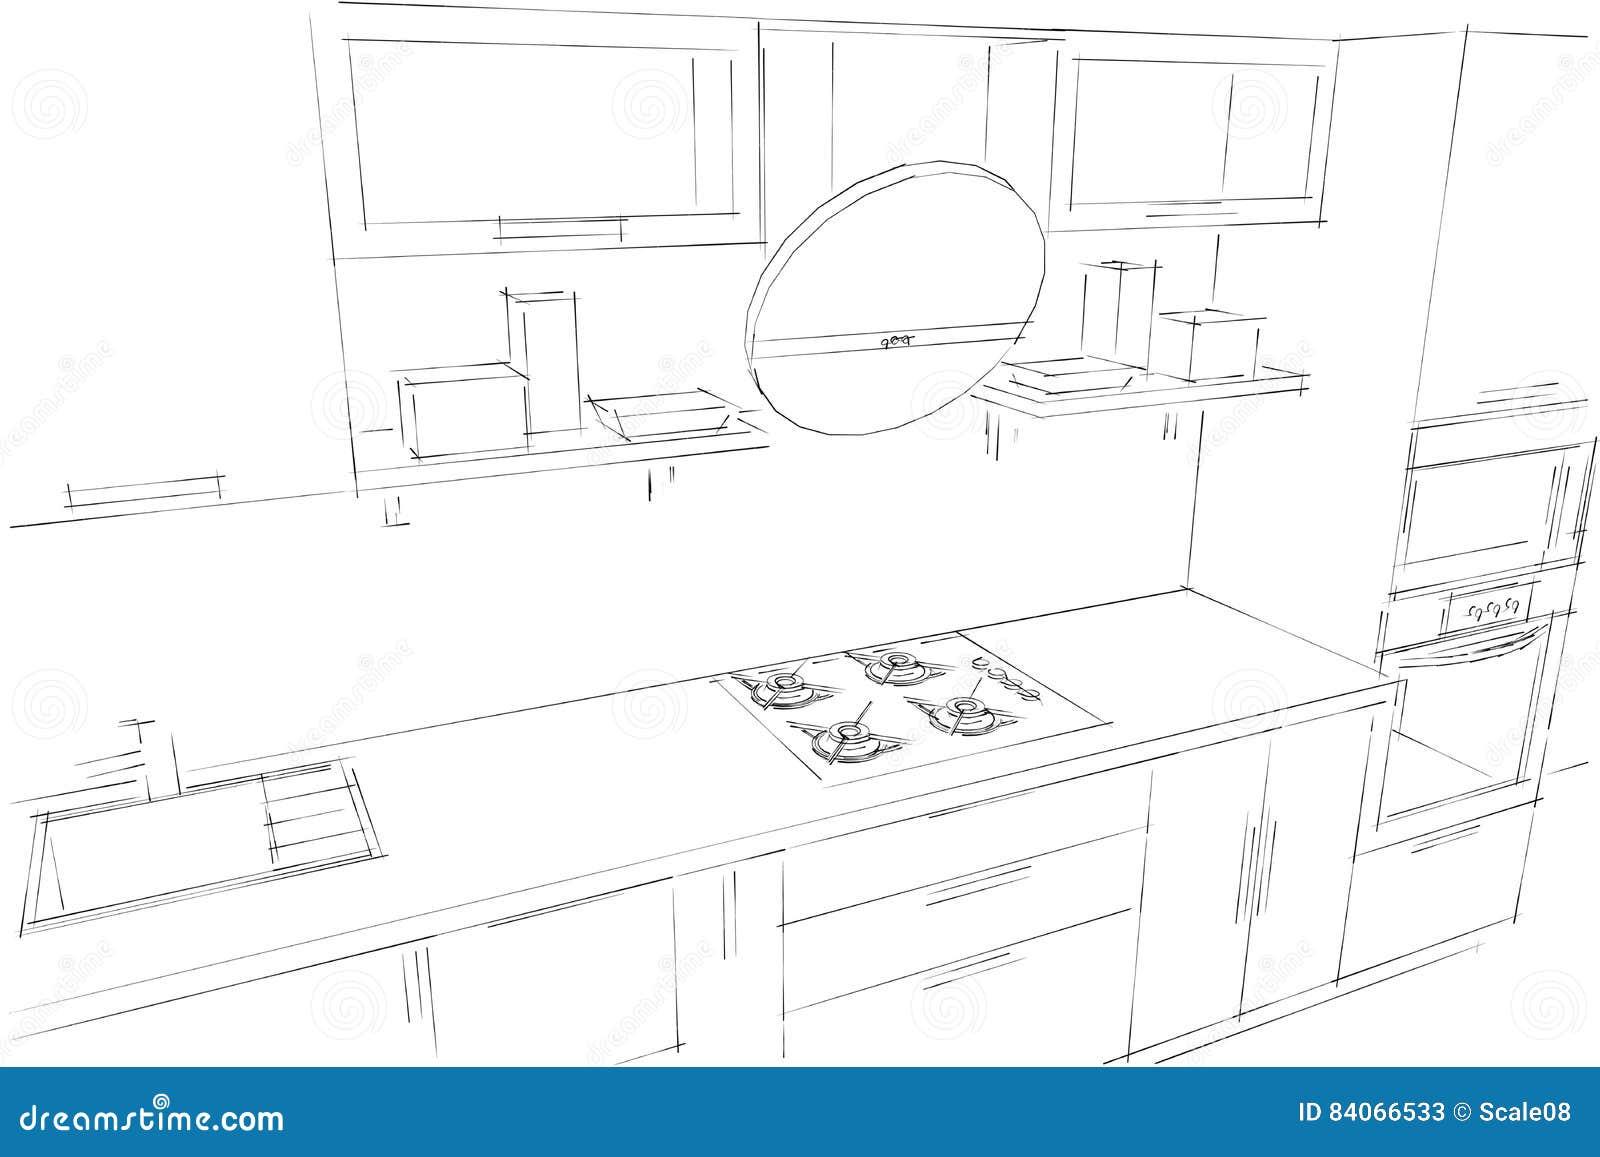 Dessiner cuisine 3d exceptional dessiner cuisine en d for Logiciel dessin cuisine 3d gratuit